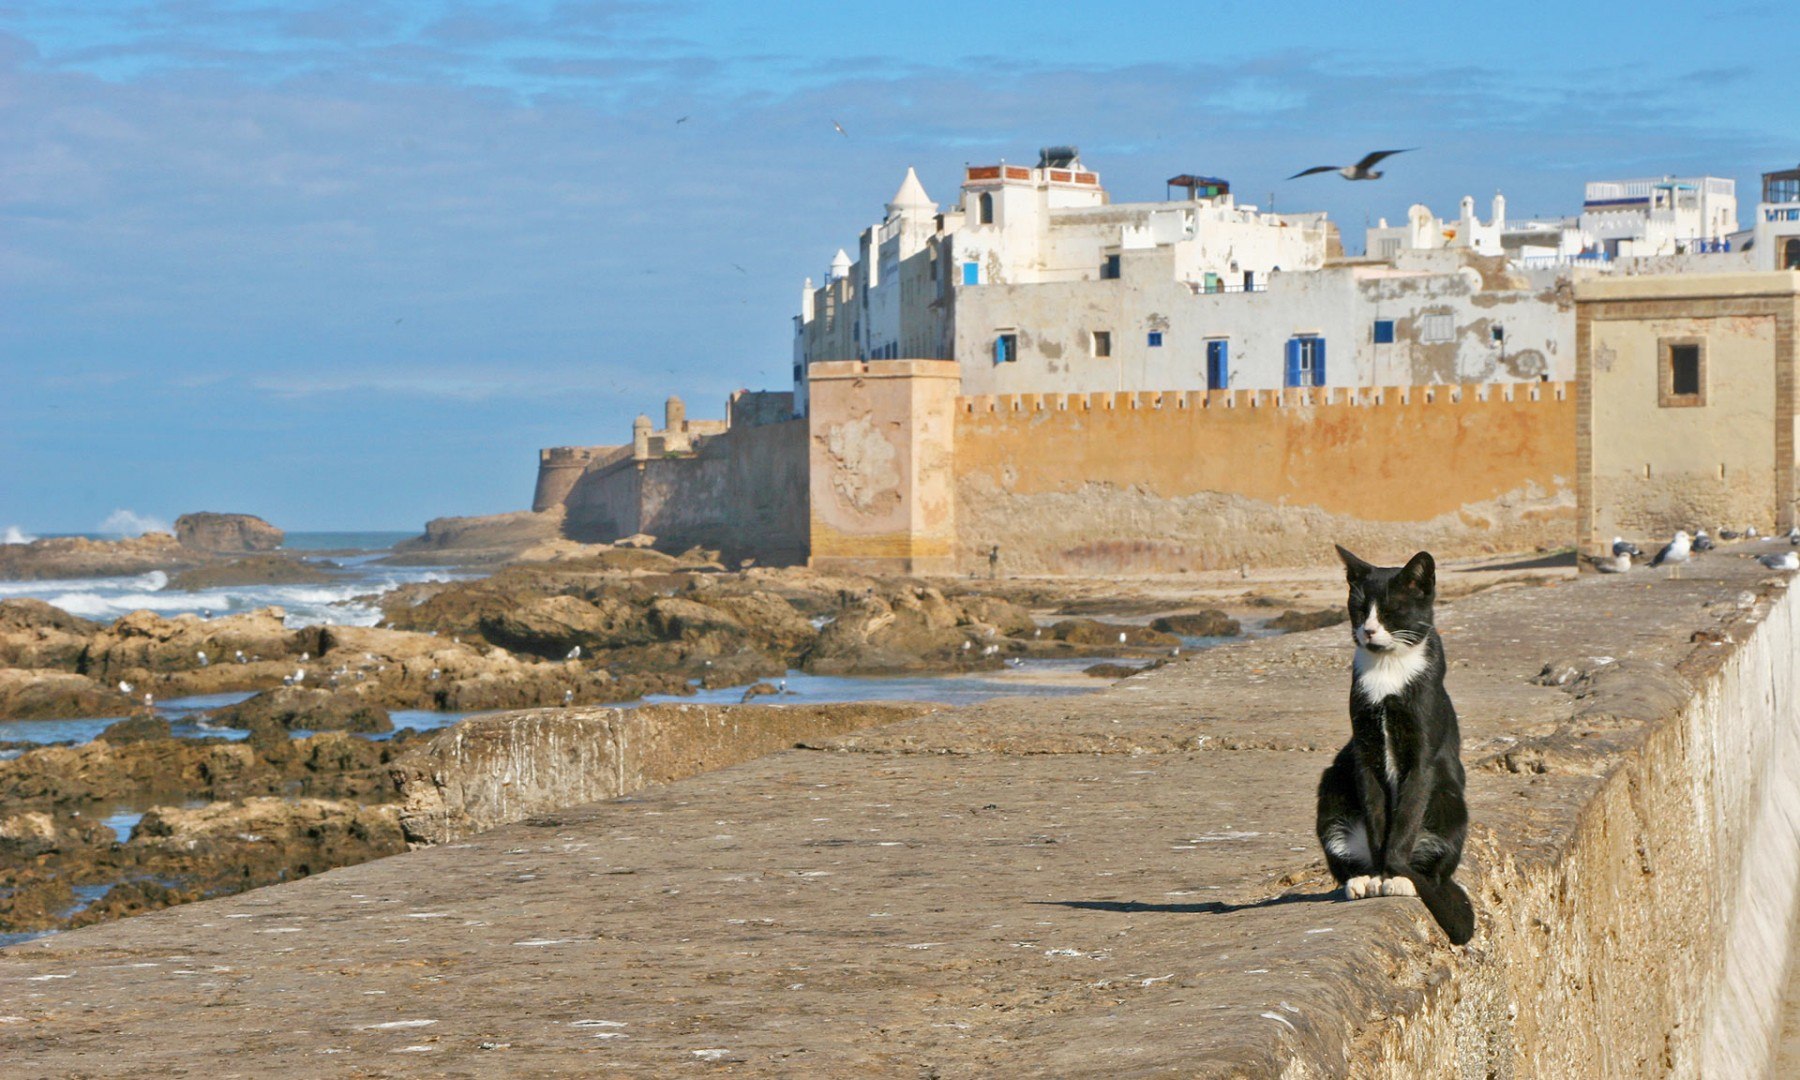 le_chat_d_essaouira_maroc_cote_atlantique